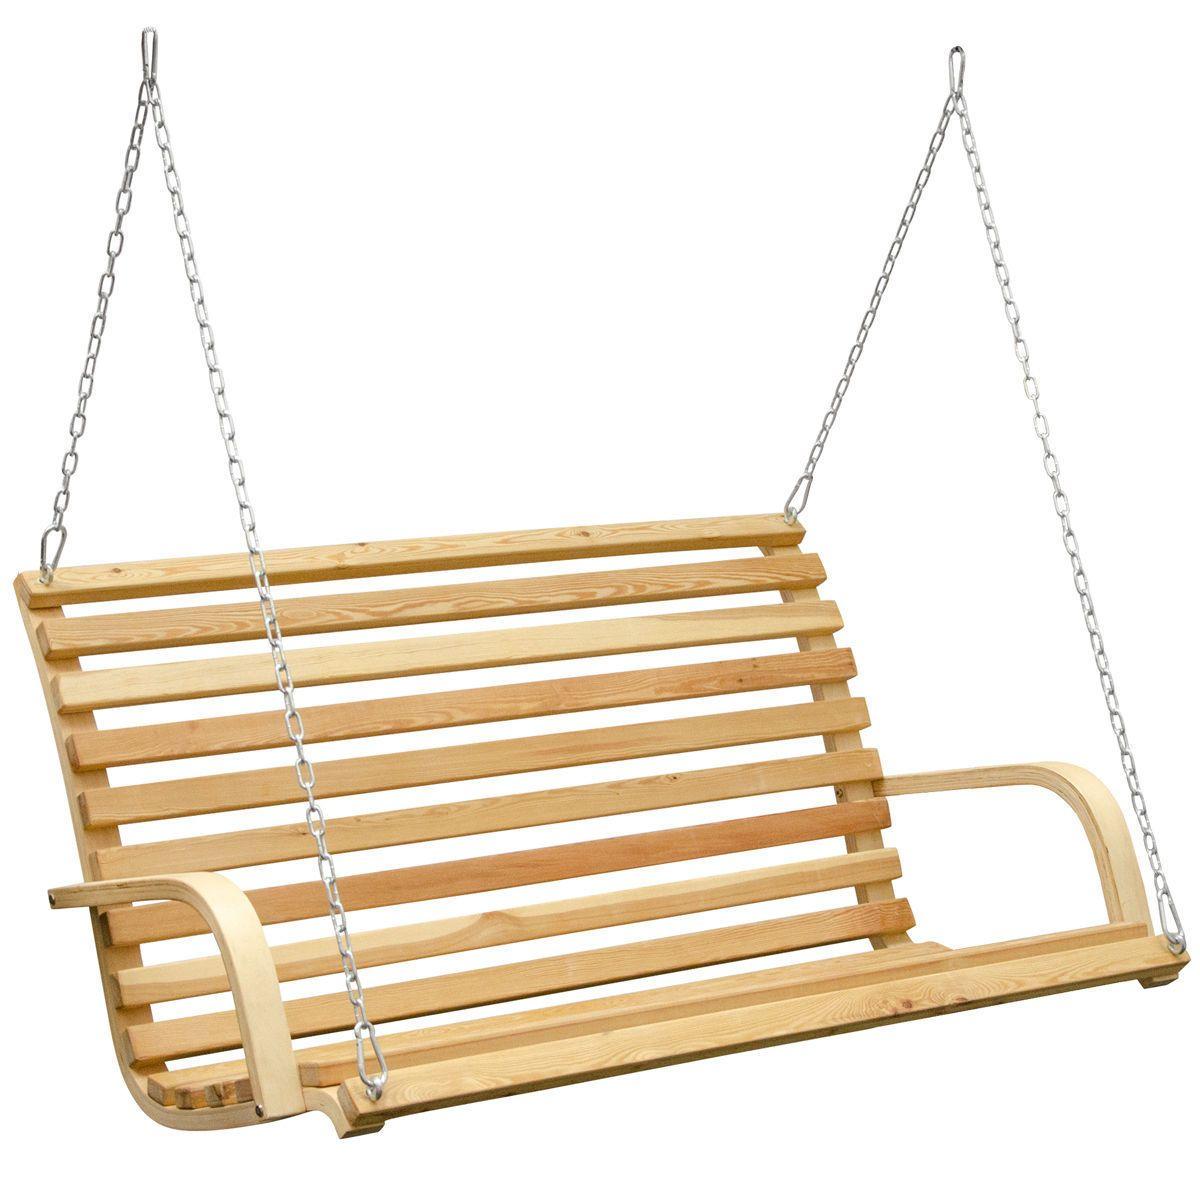 Gartenschaukel Hollywoodschaukel Holz 3 Sitzer Gartenbank